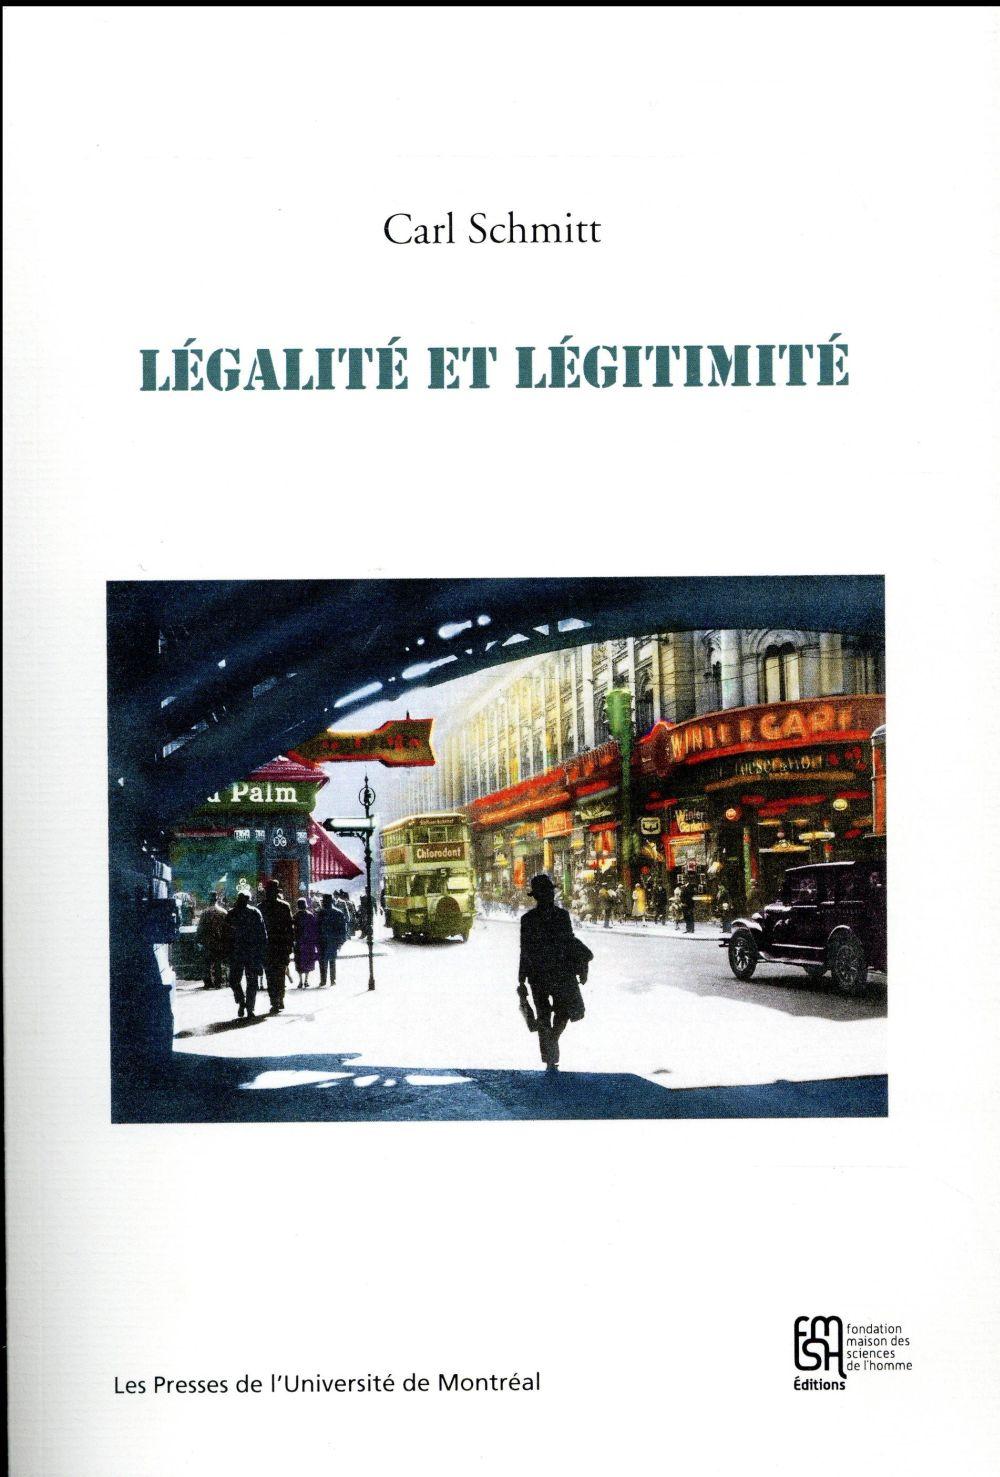 Legalite et legitimite